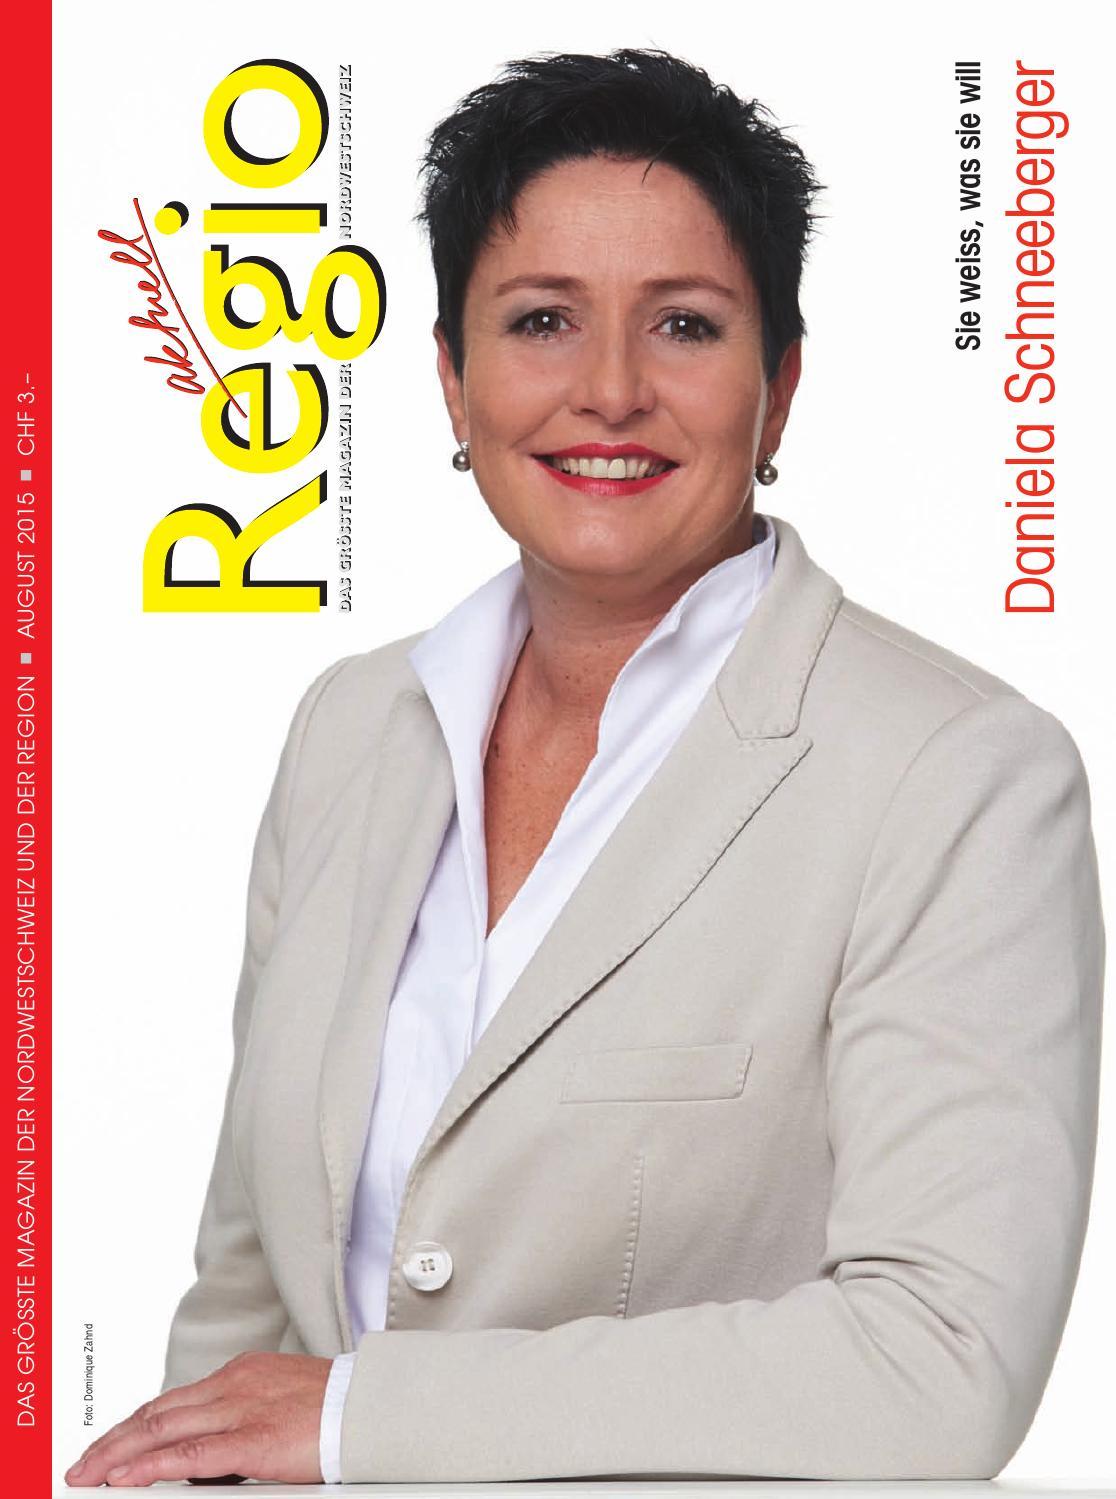 Regio aktuell 9/15 by Regio Aktuell - issuu